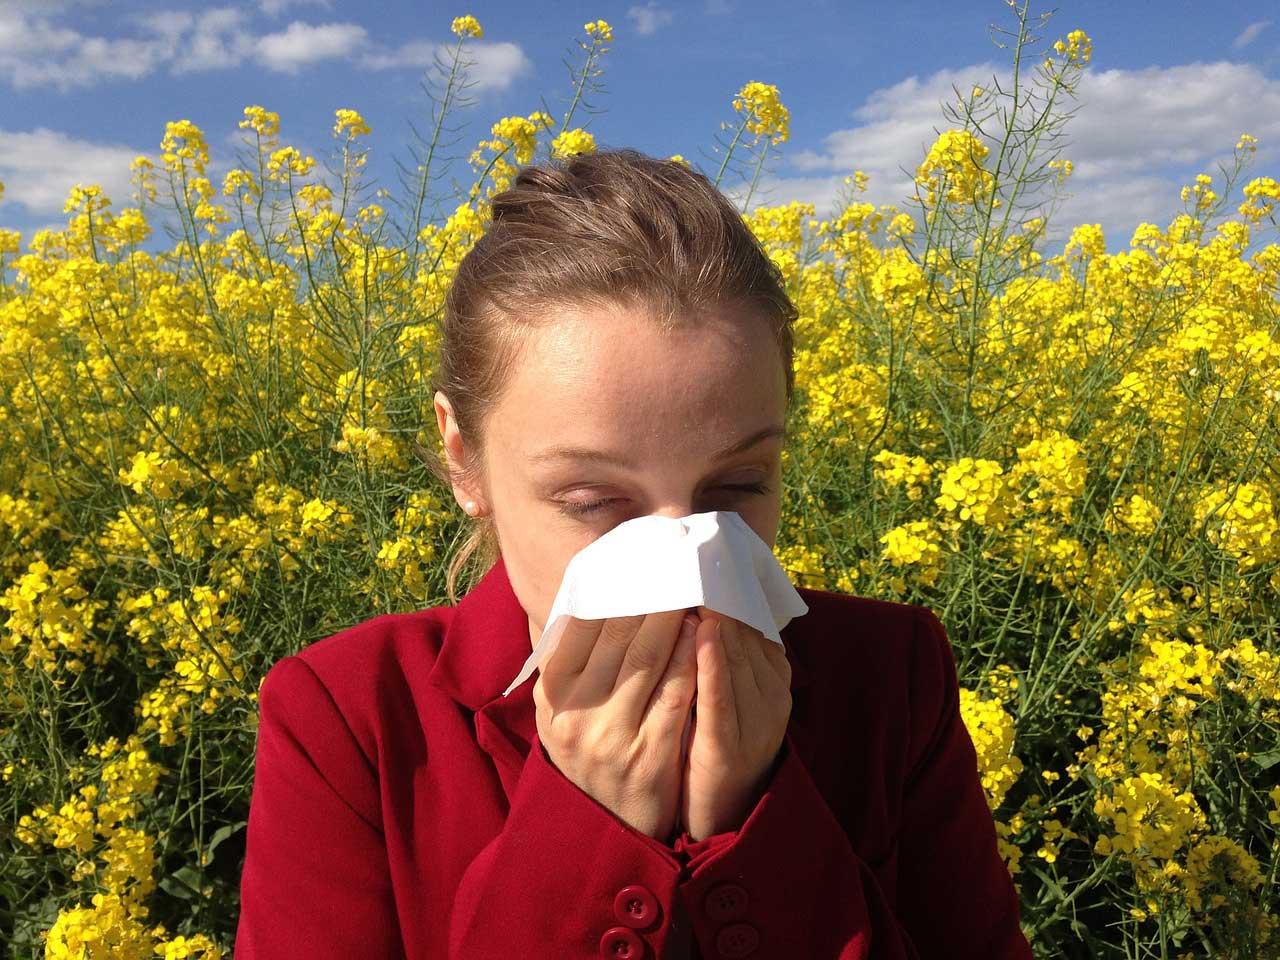 Bluthochdruck Ursache Allergien